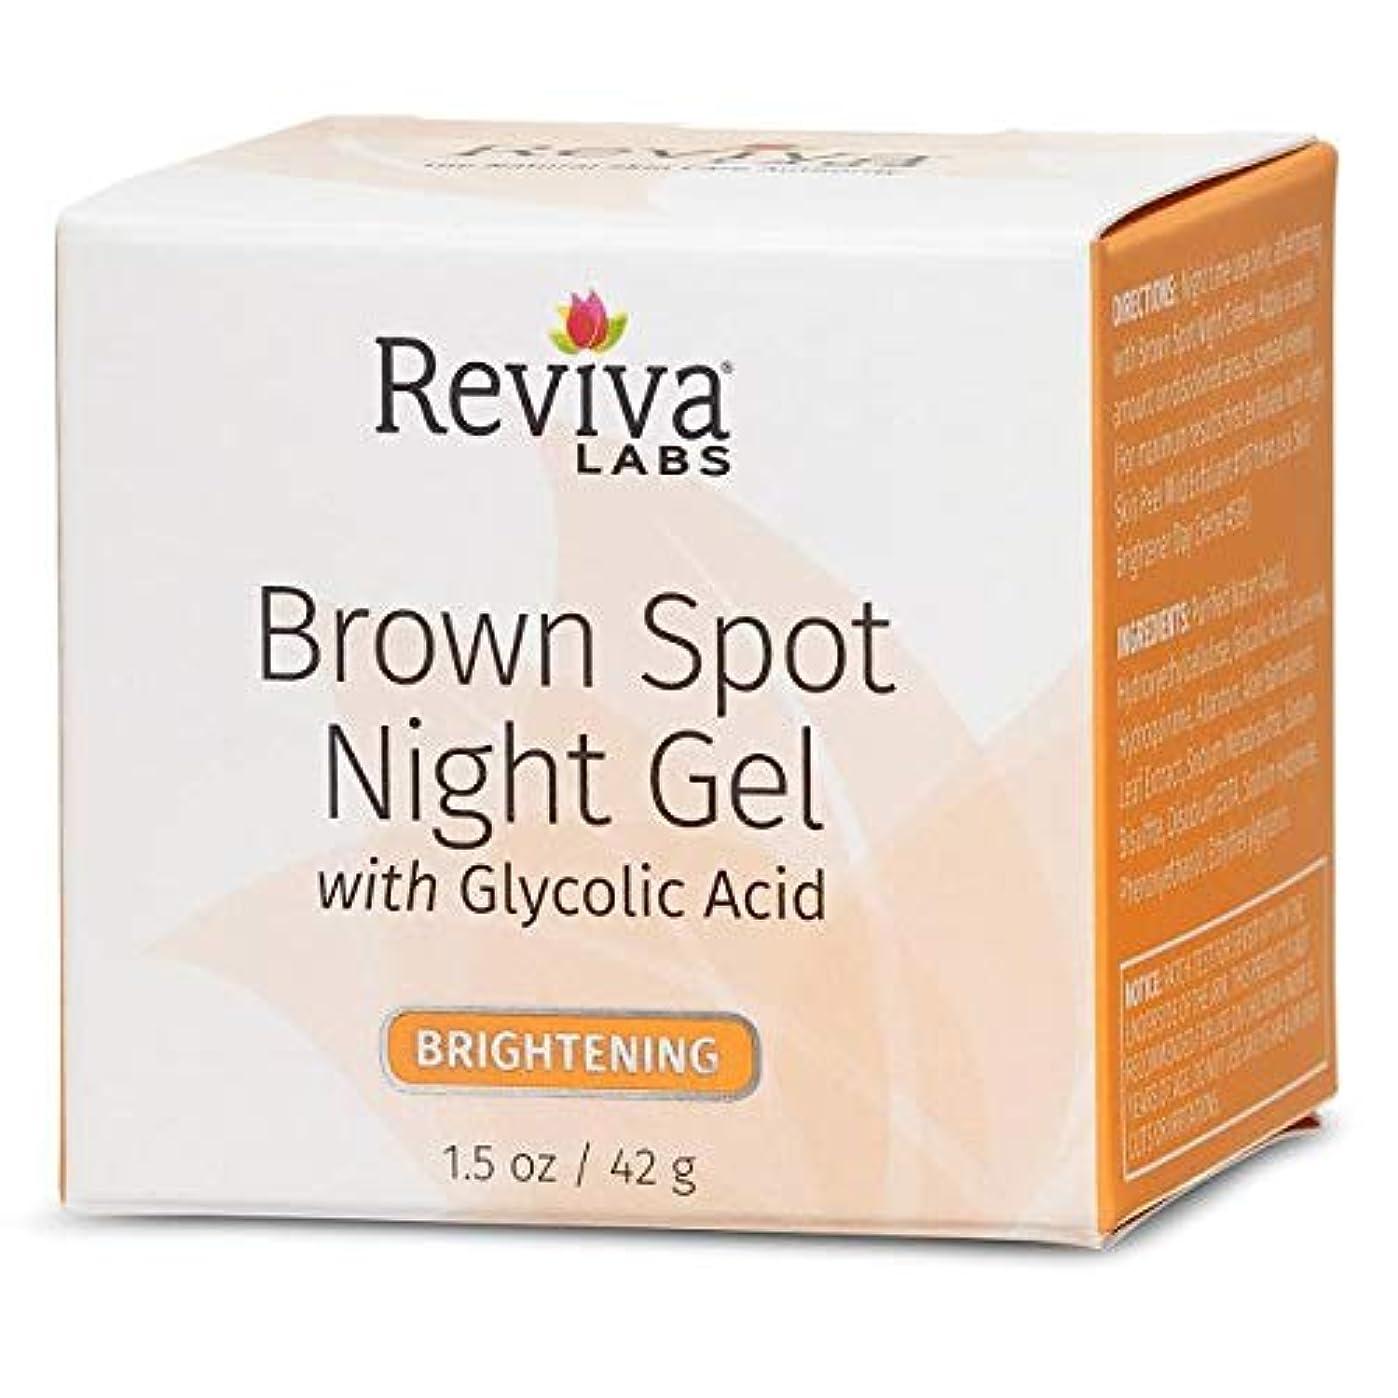 みがきます妖精成り立つブラウンスポット ナイトジェル グリコール酸入り 1.25oz. REVIVA LABS社製 海外直送品